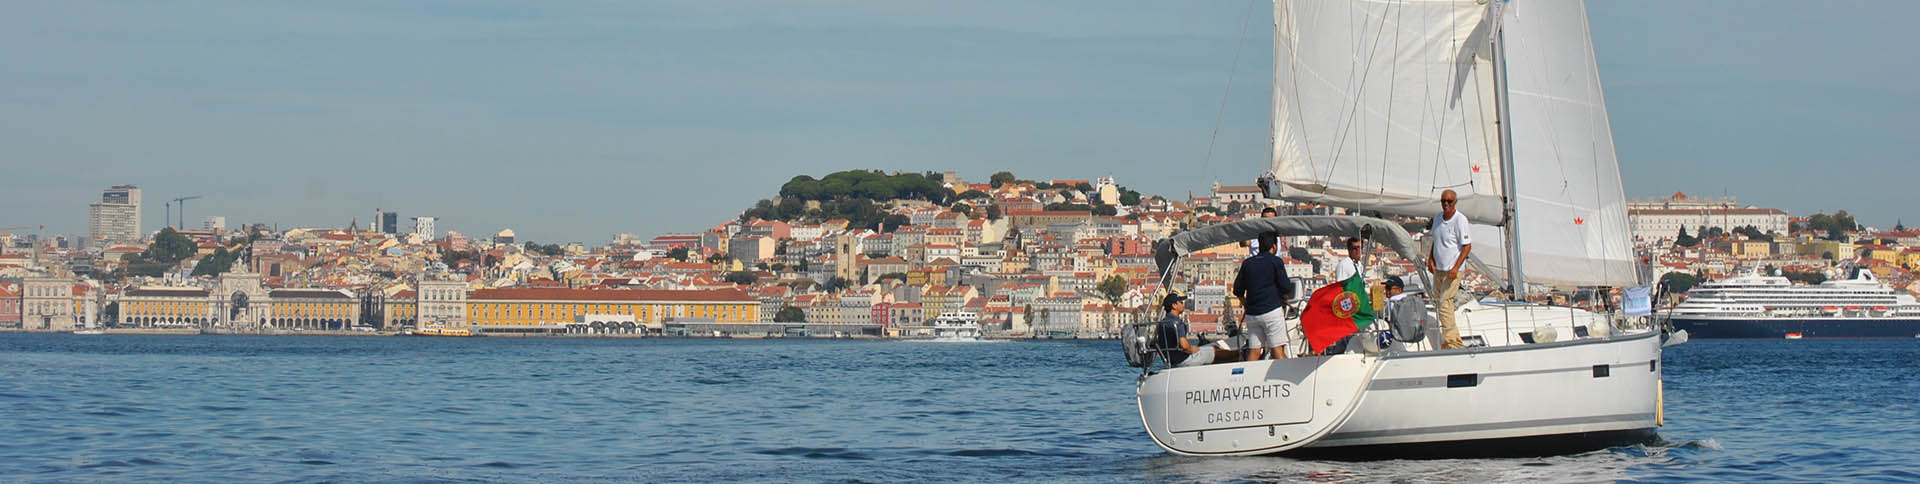 Olt Town Lisbon Sailing Tour